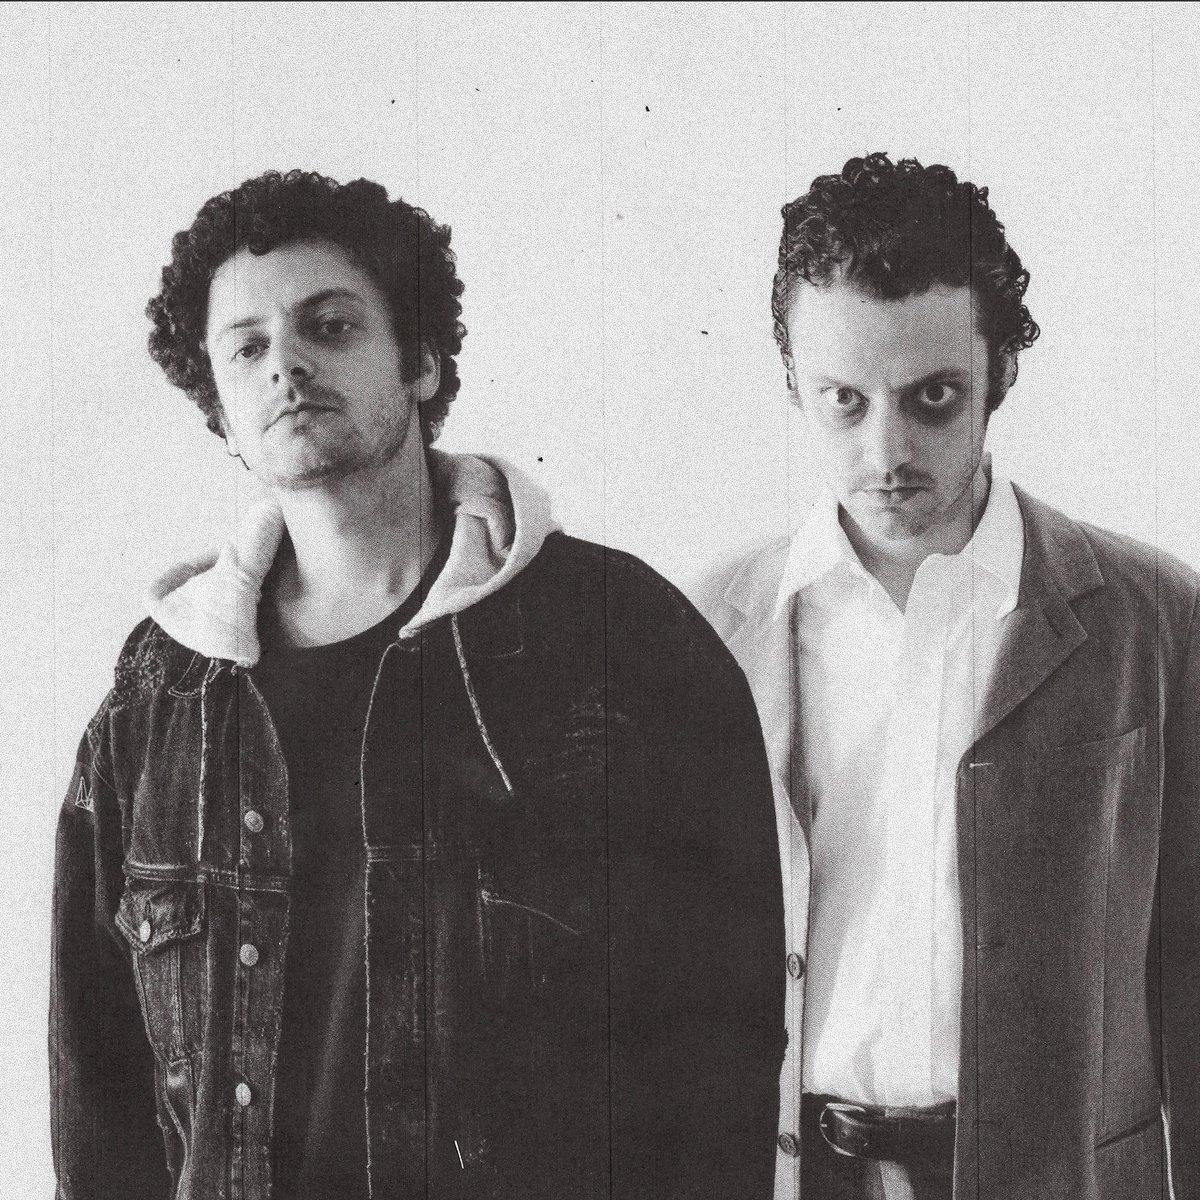 """.@MikeShinoda ist Co-Produzent und Mentor des neuen Songs """"Riptide"""" von @grandson (und keine Sorge: die Gestalt rechts auf dem Foto ist nicht Mike nach einer harten Nacht ). Das Musikvideo gibt's hier: https://wmg.cc/2PnyjROpic.twitter.com/H1W6OJg9h7"""